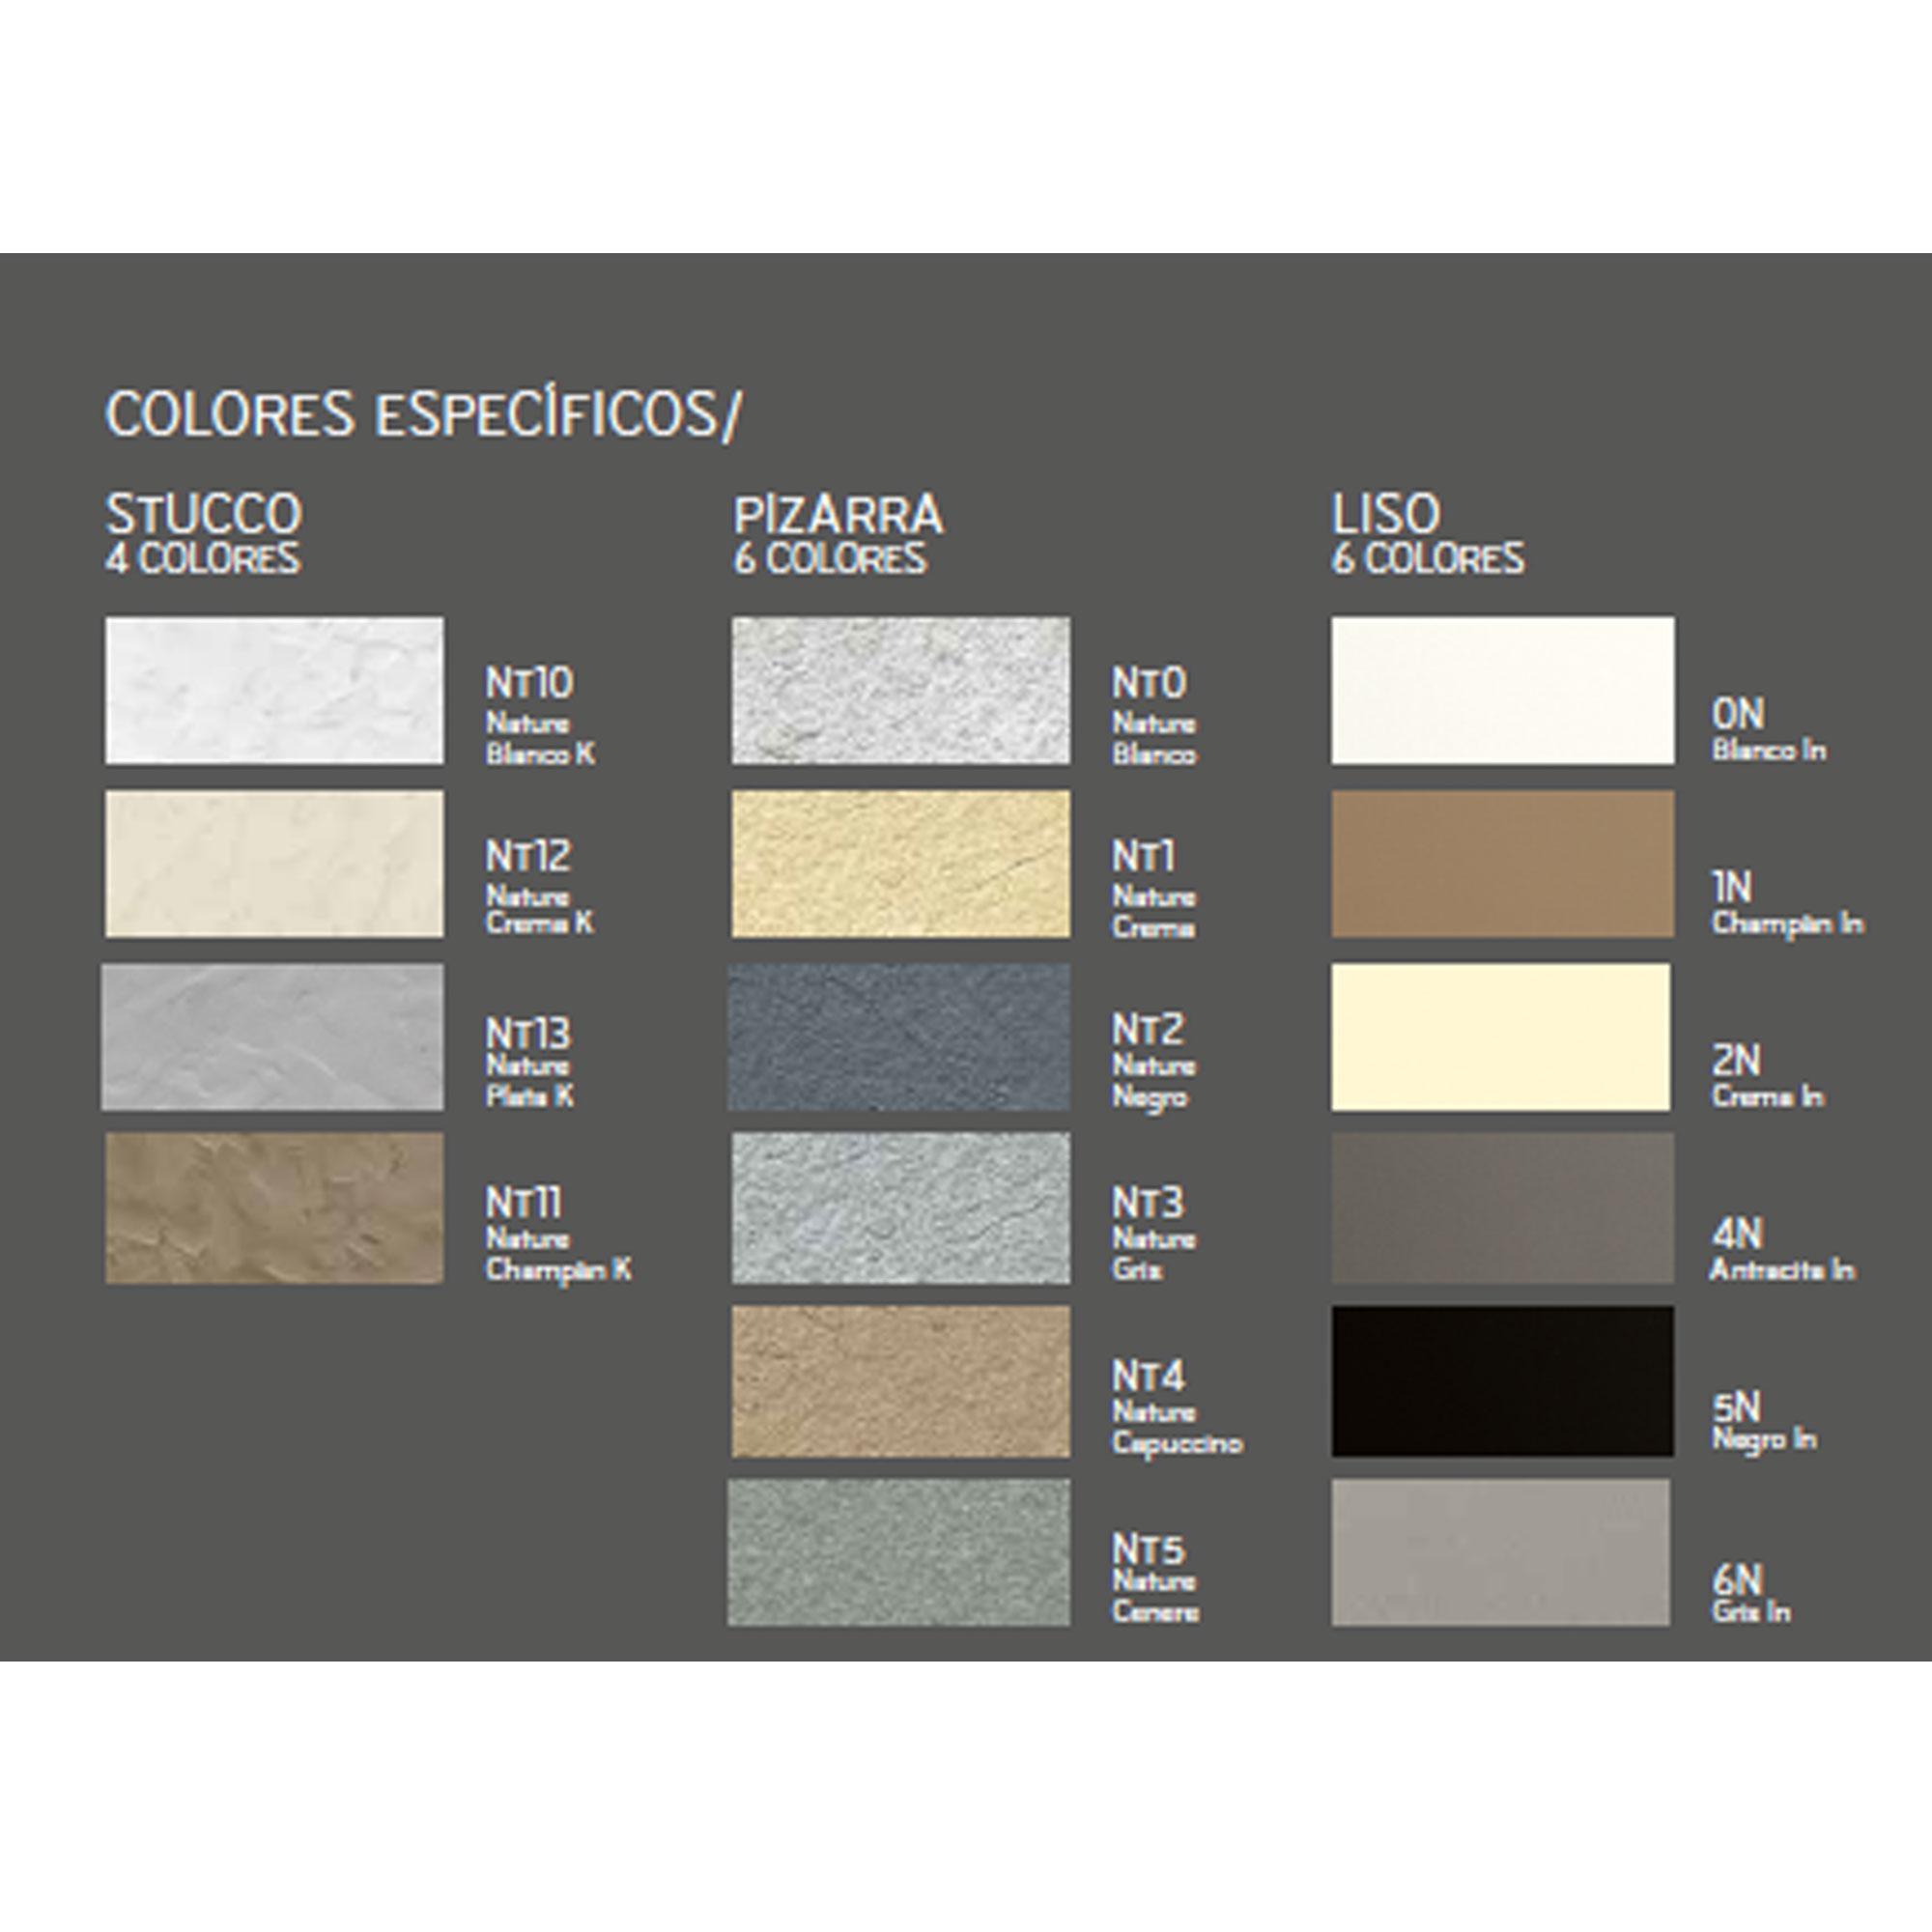 colores-especificos